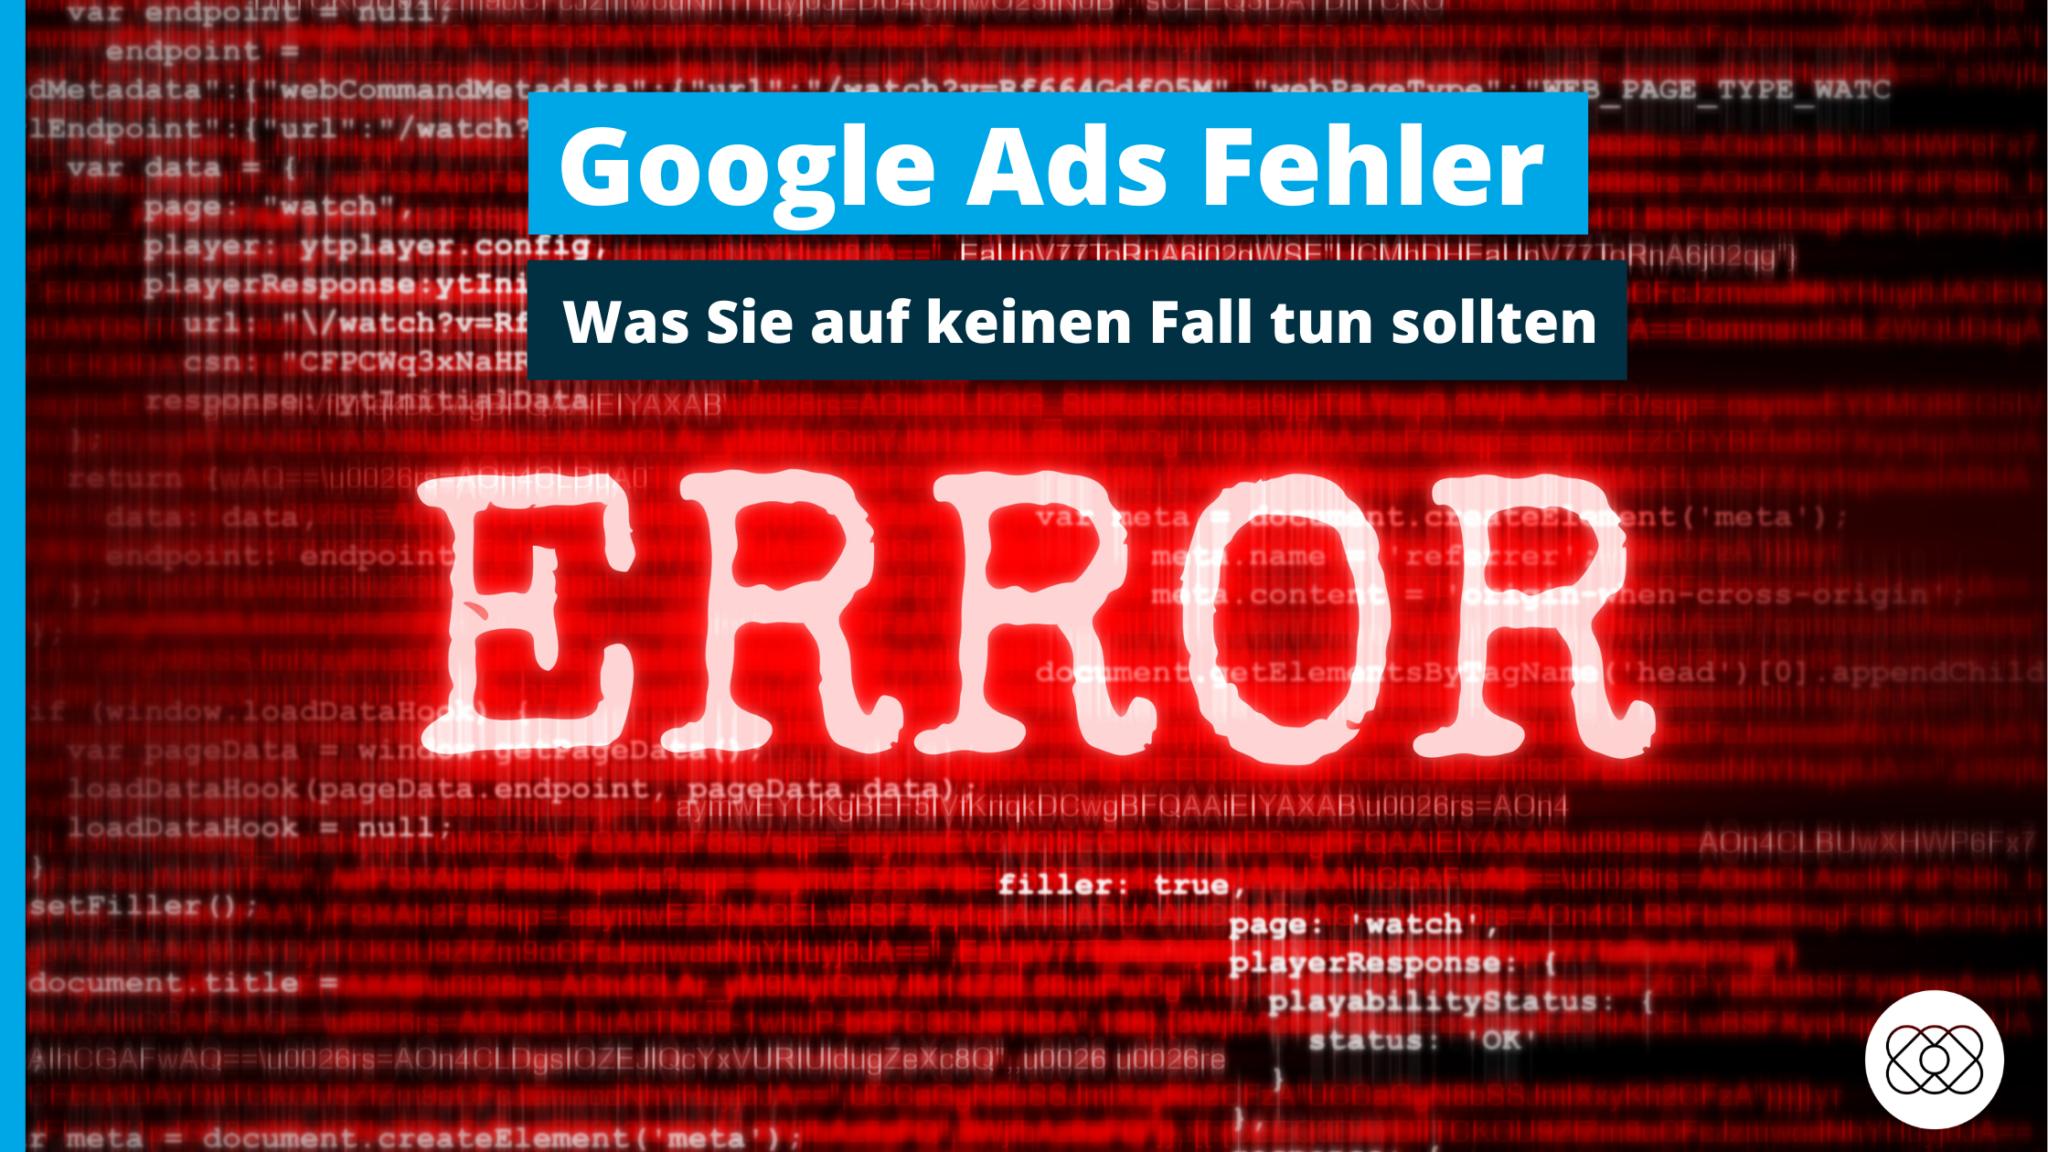 Google Ads Fehler